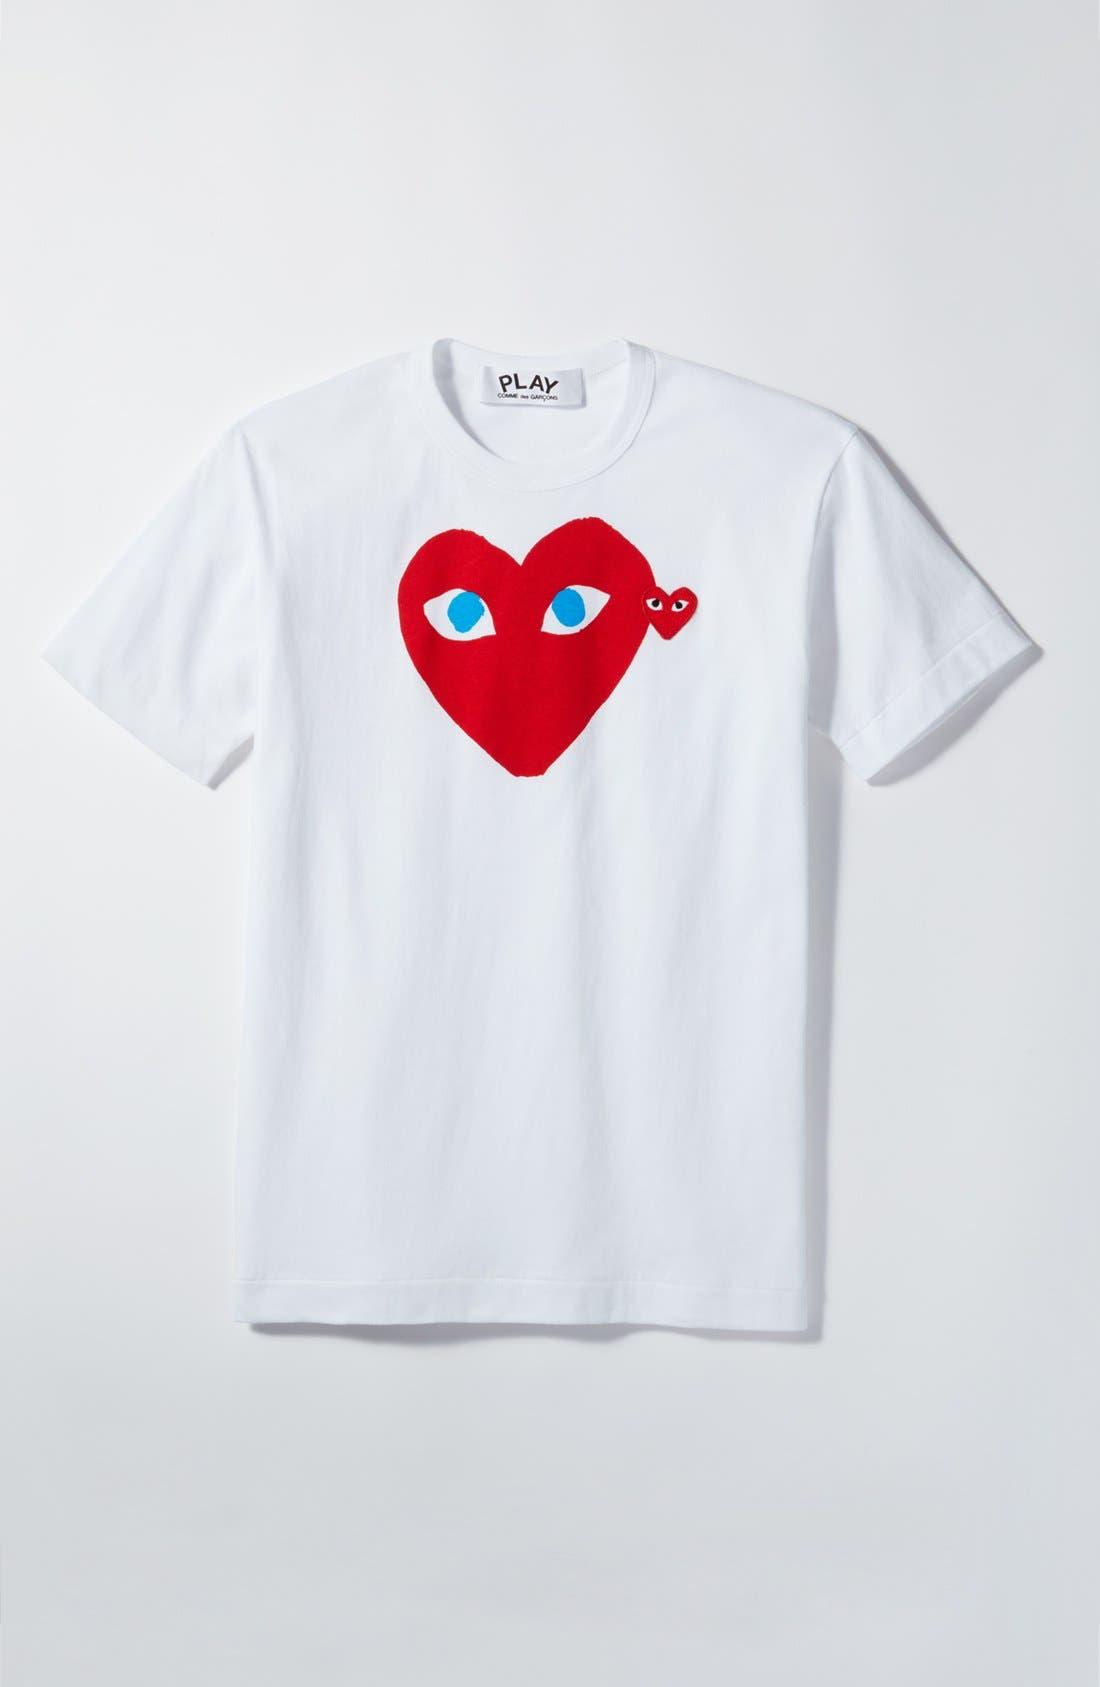 Comme des Garçons PLAY Heart Face Graphic T-Shirt,                             Alternate thumbnail 6, color,                             White